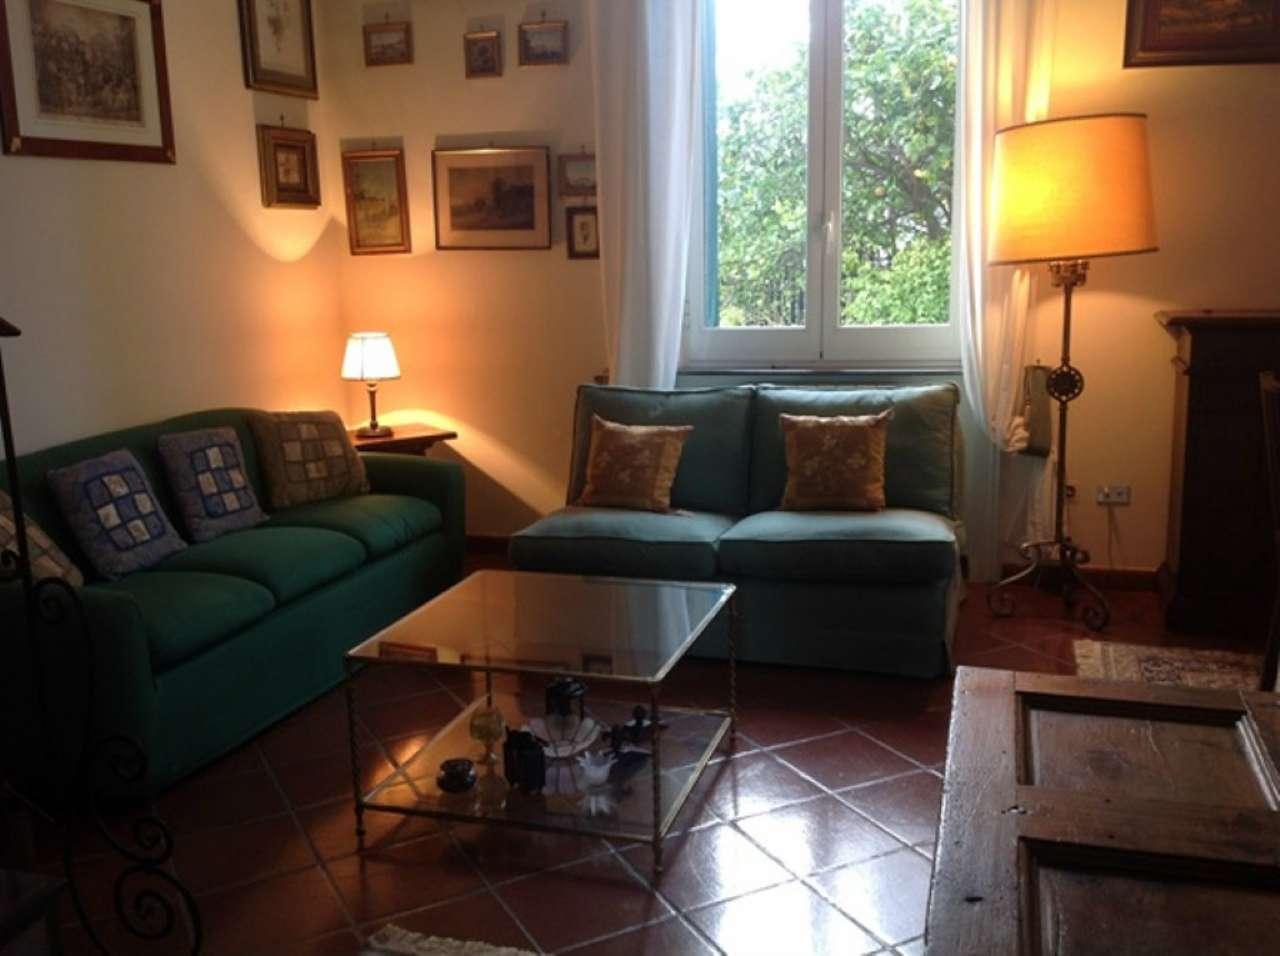 Appartamento in affitto a Napoli, 3 locali, zona Zona: 1 . Chiaia, Posillipo, San Ferdinando, prezzo € 1.300   CambioCasa.it